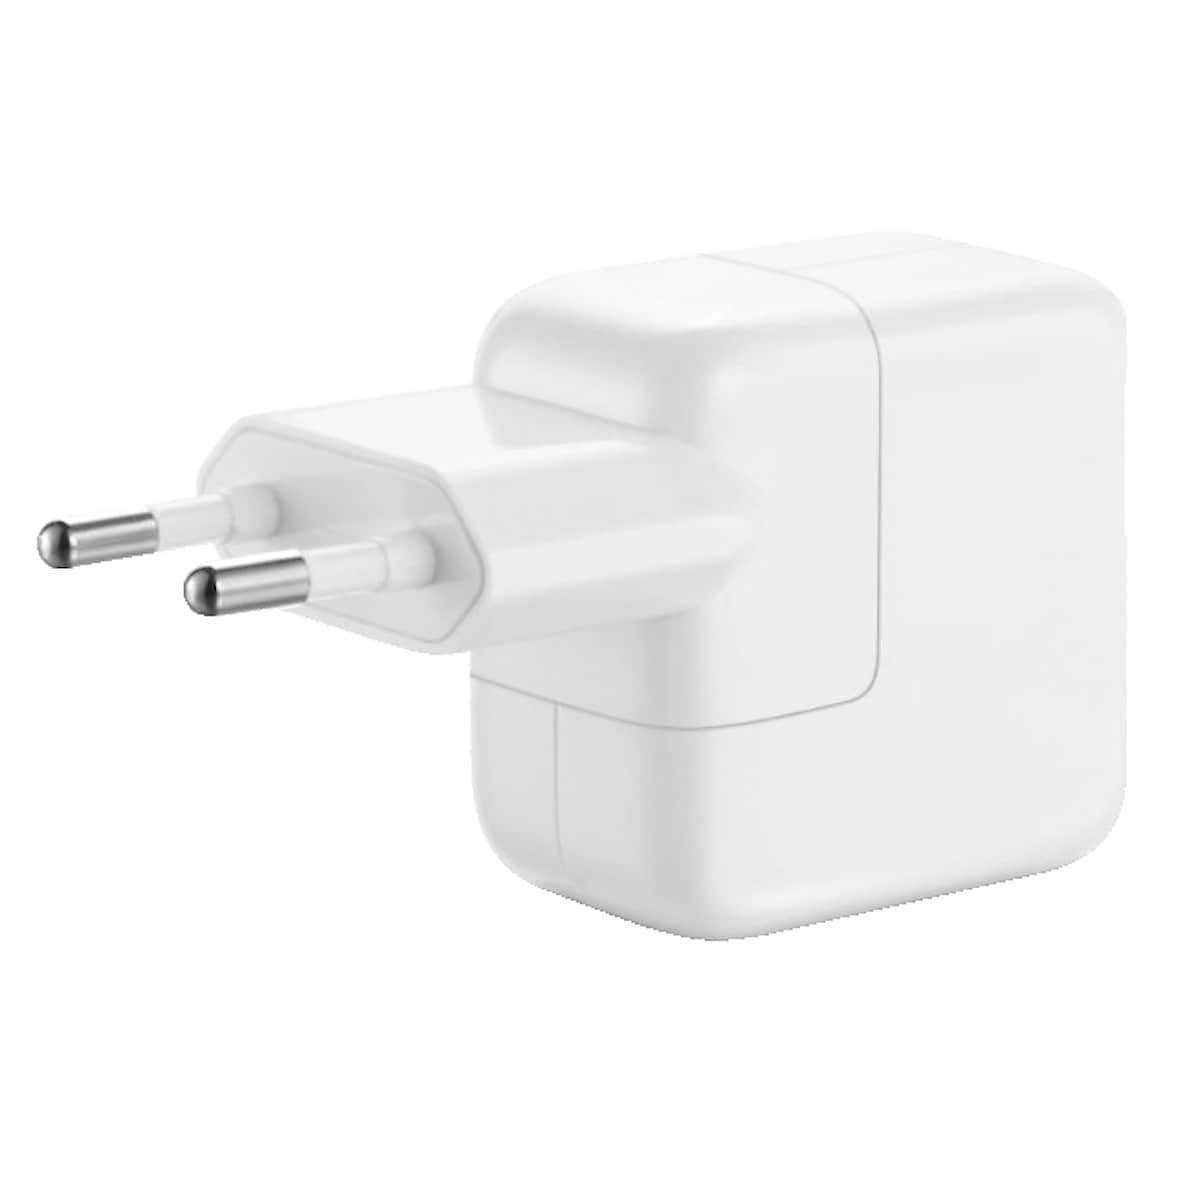 USB-nätadapter för iPad Apple